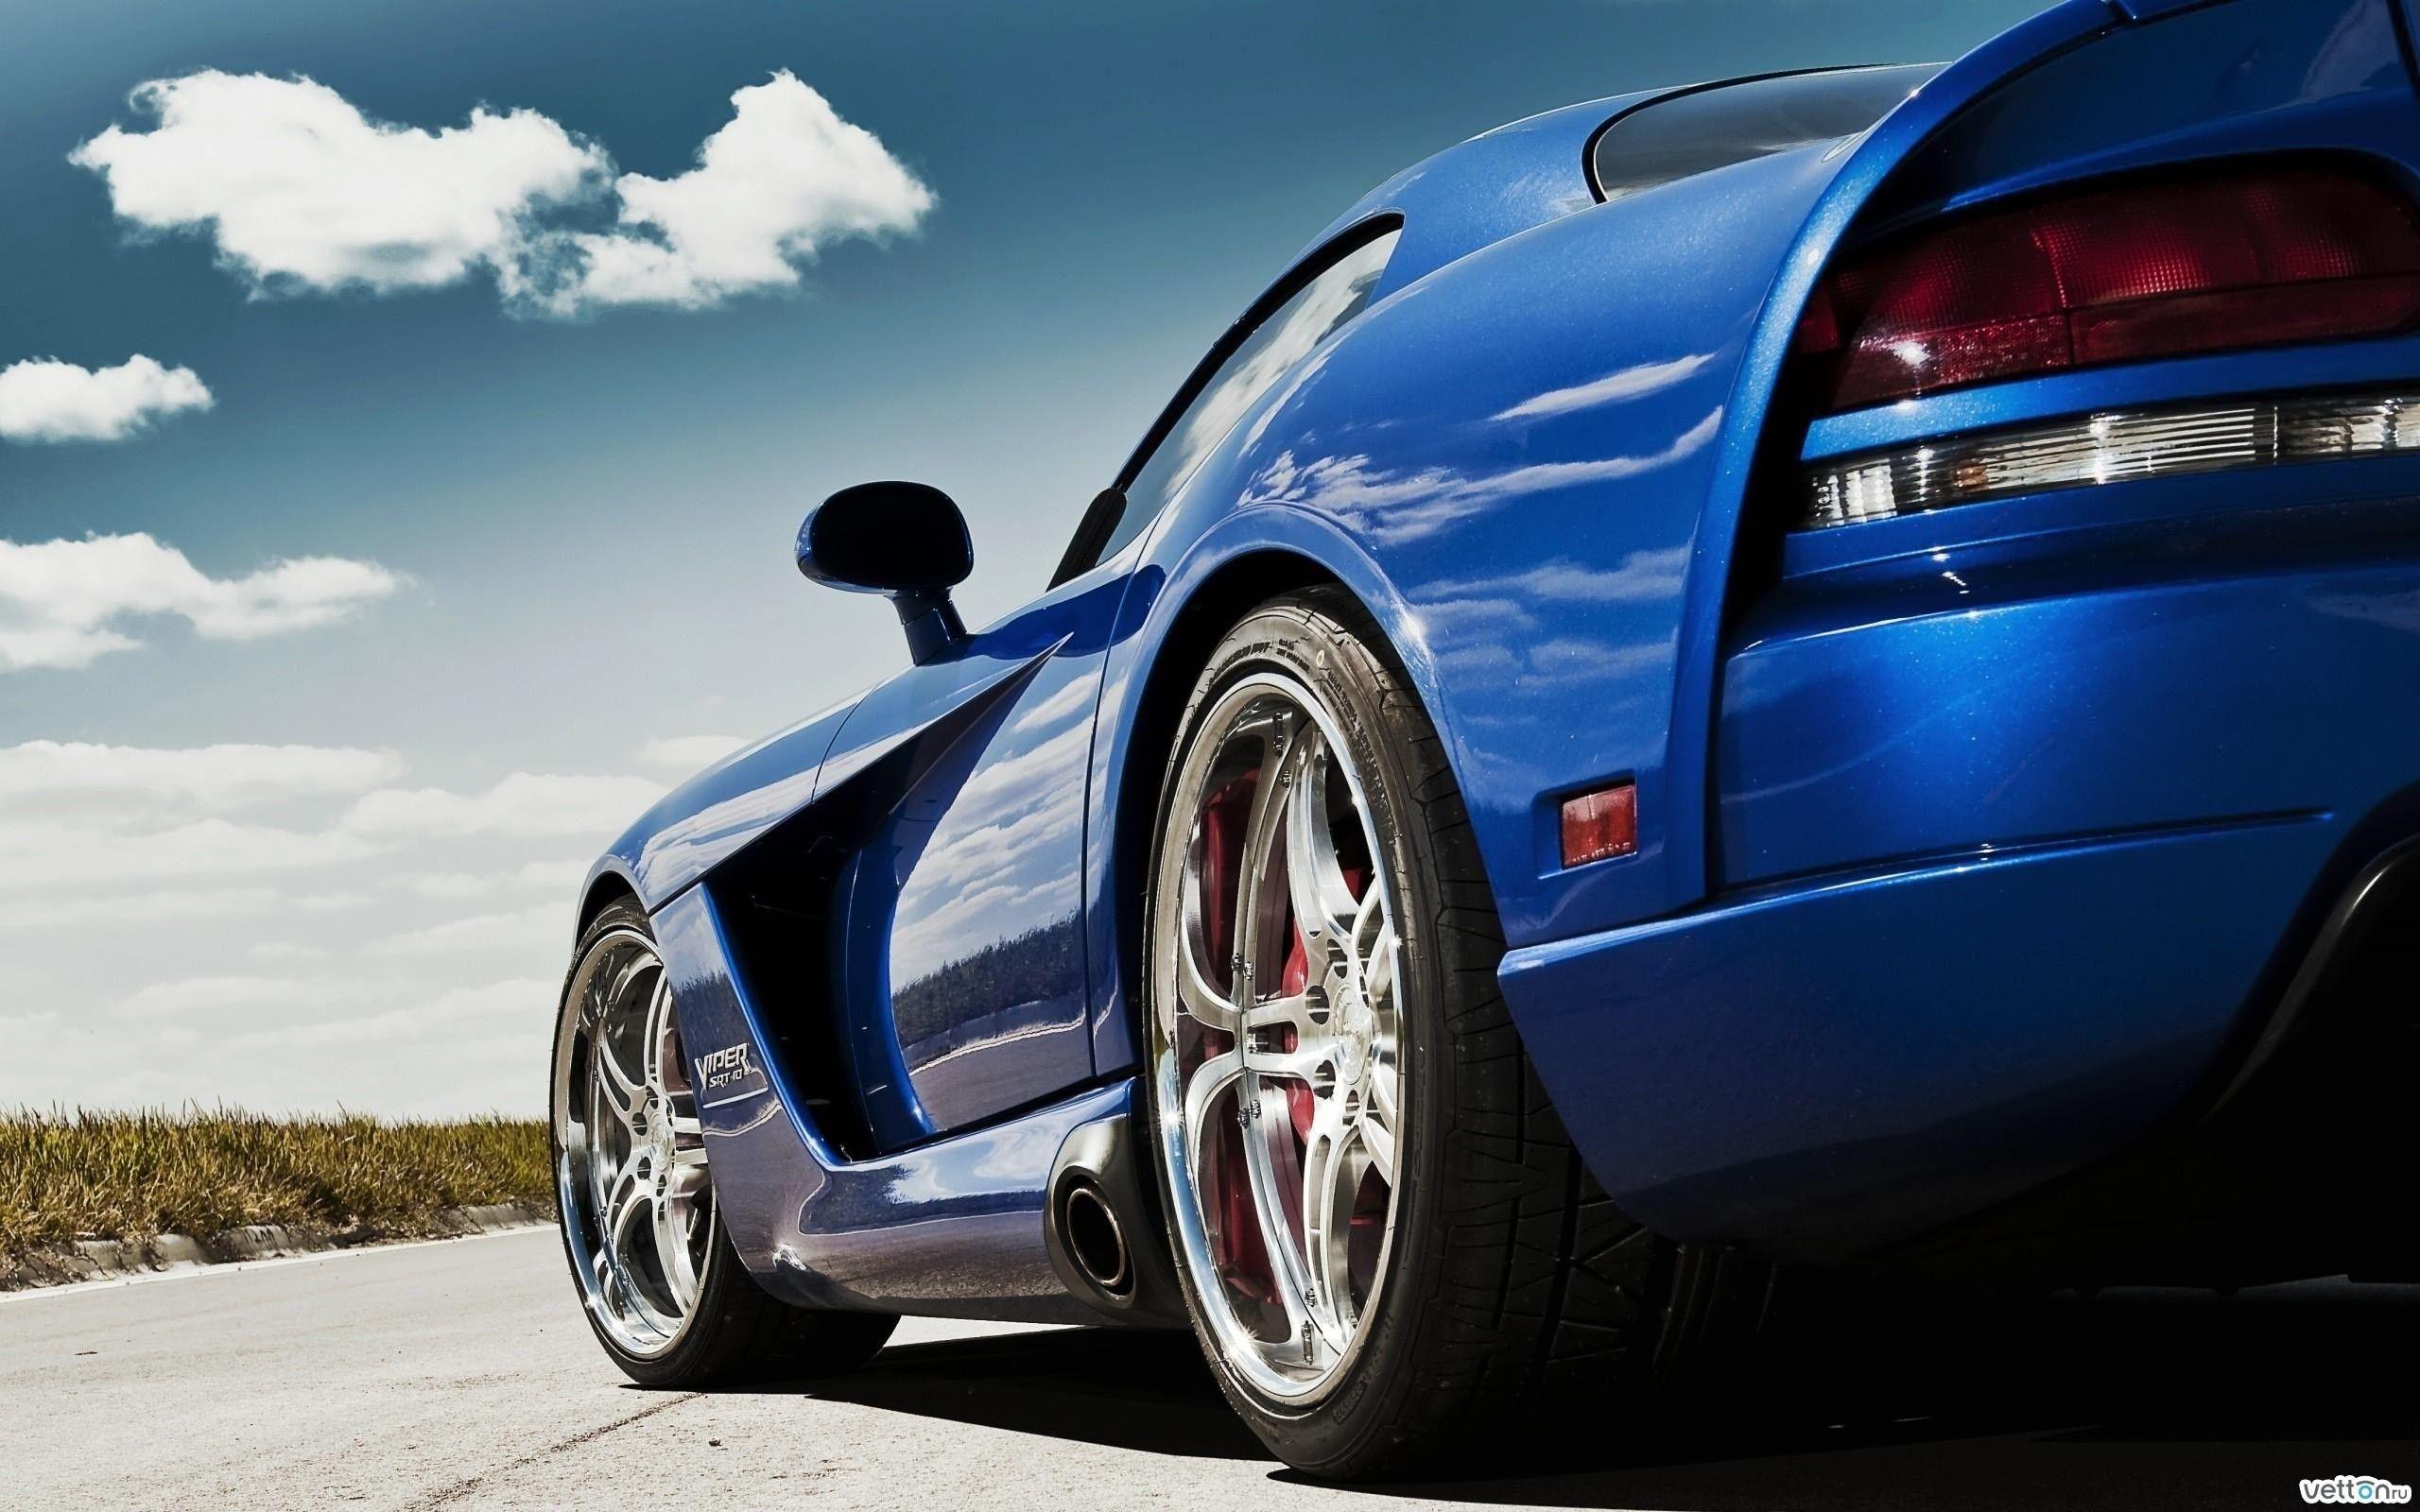 car wallpaper hd